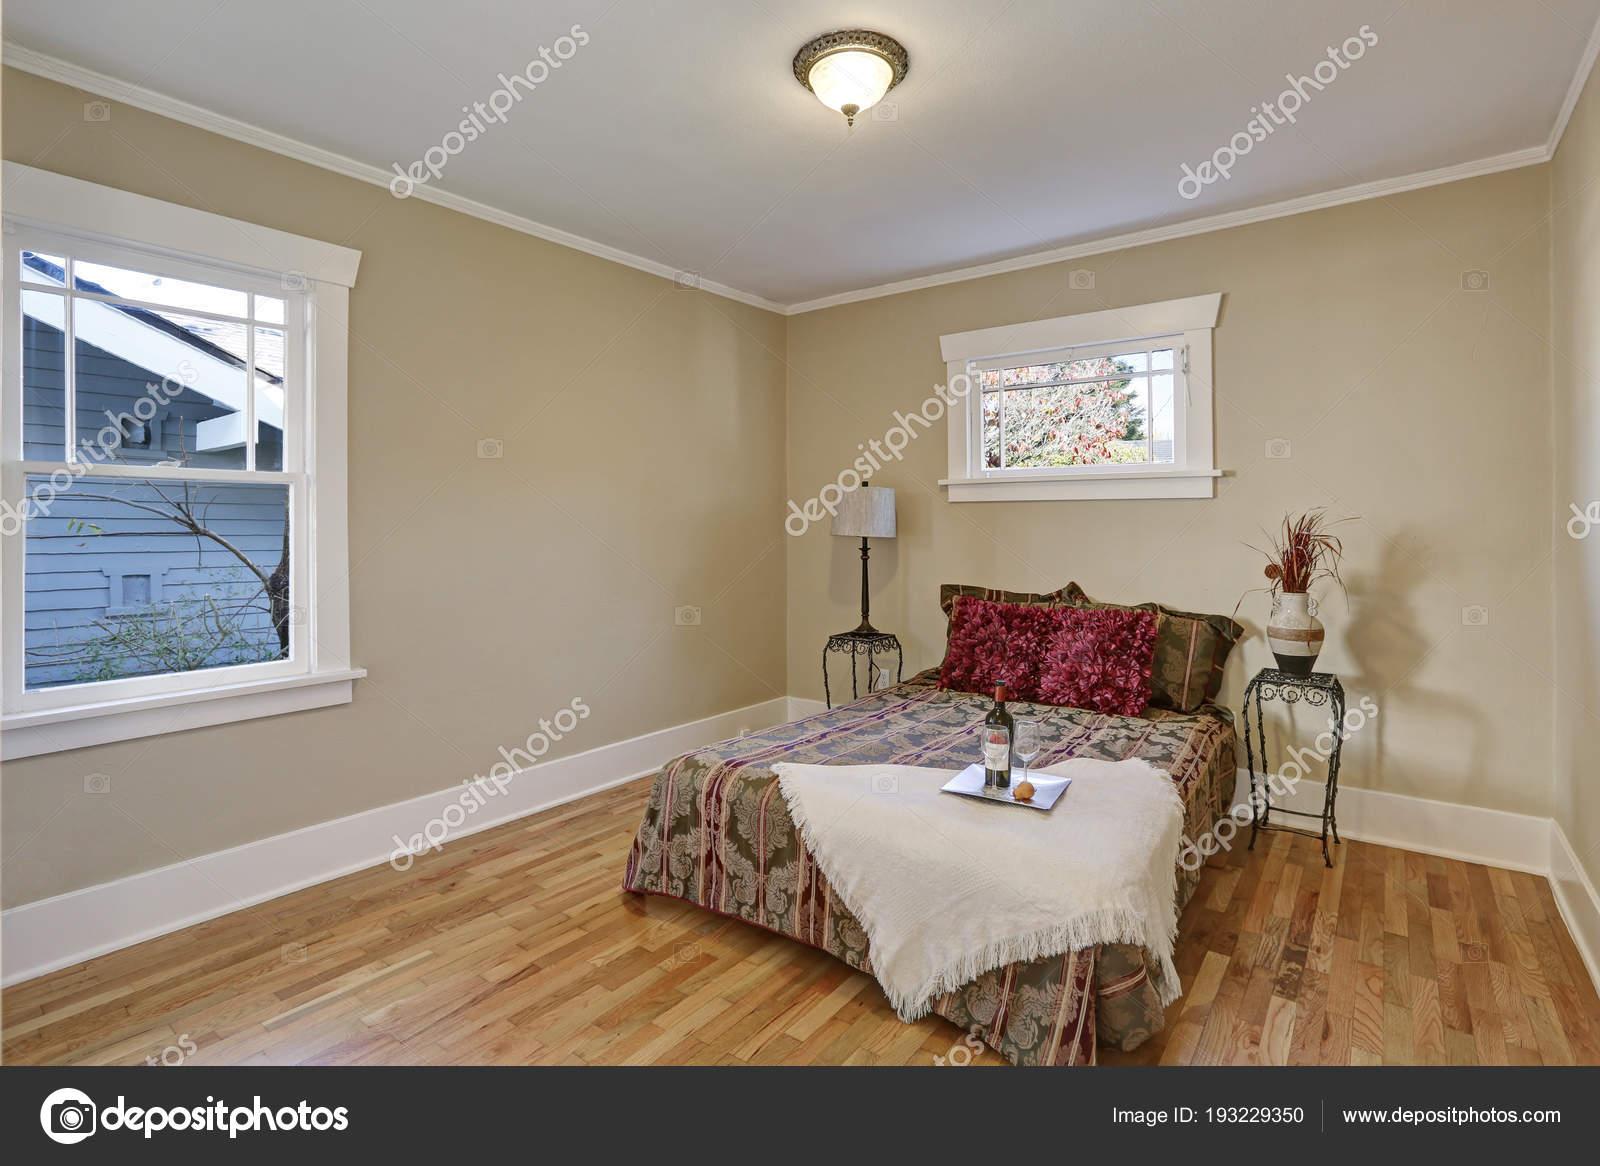 Camera Da Letto Beige : Interno camera da letto beige bella u2014 foto stock © iriana88w